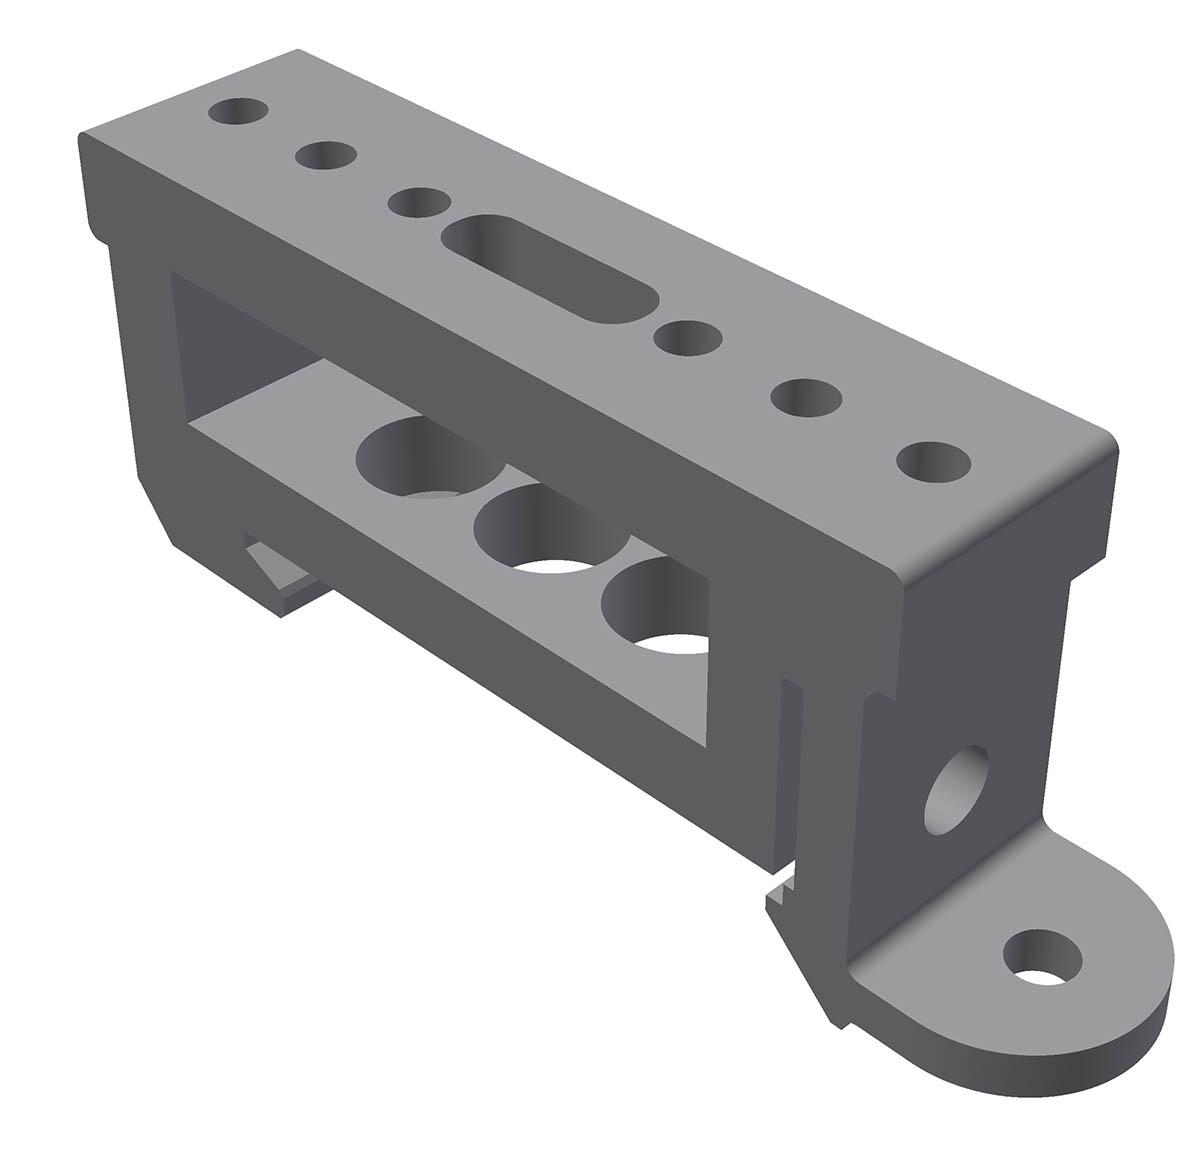 dinrail short screw base V8.jpg